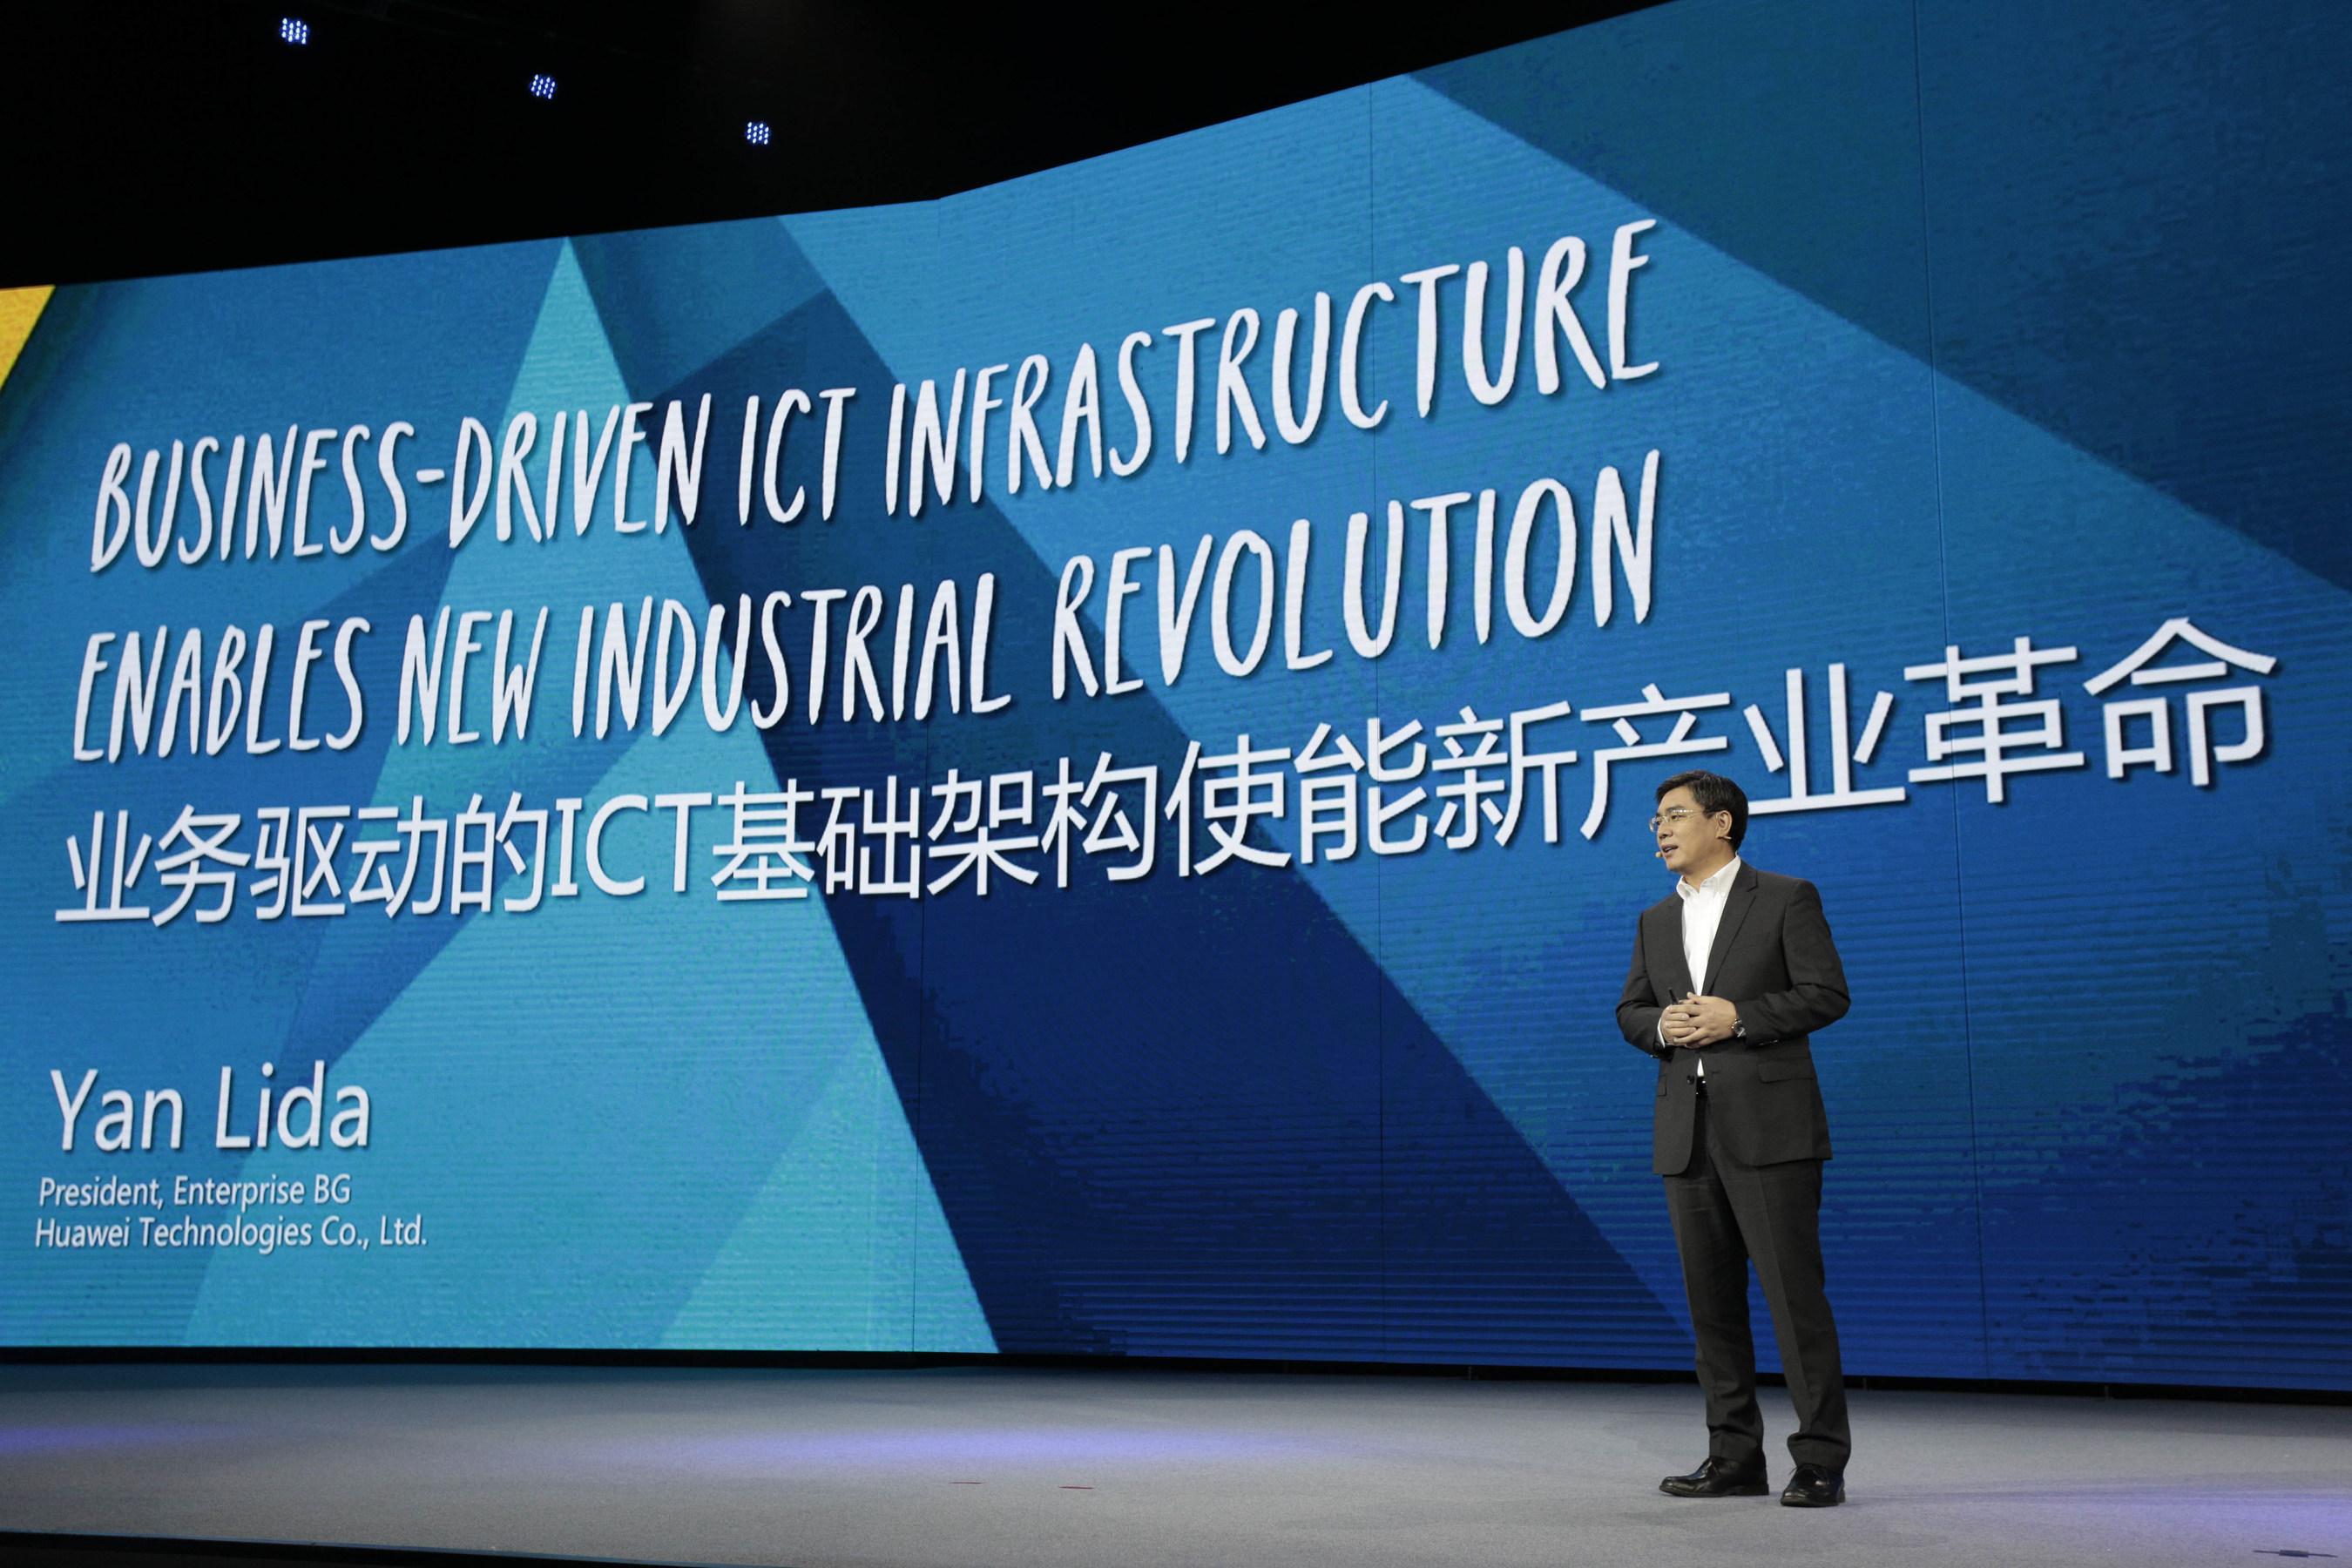 Huawei apresenta princípio diretor de sua infraestrutura de TIC voltada para a empresa no Huawei